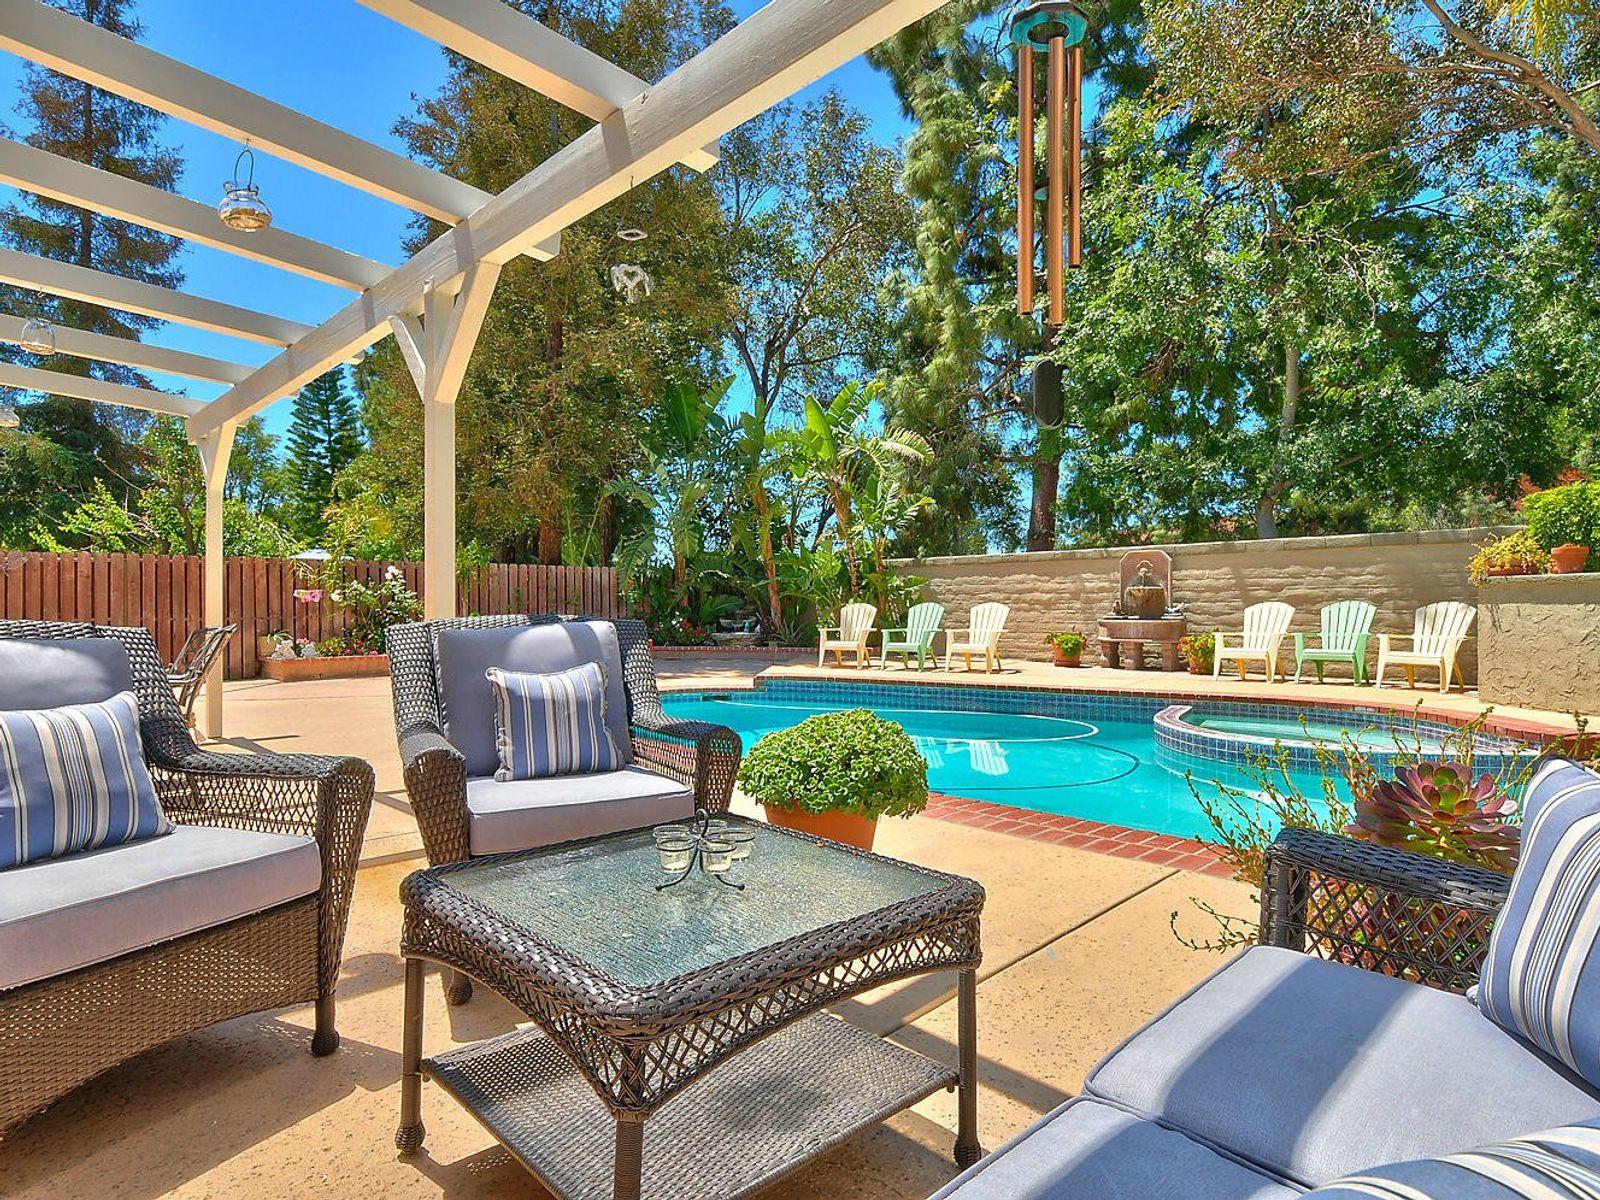 Wonderful Pool Home